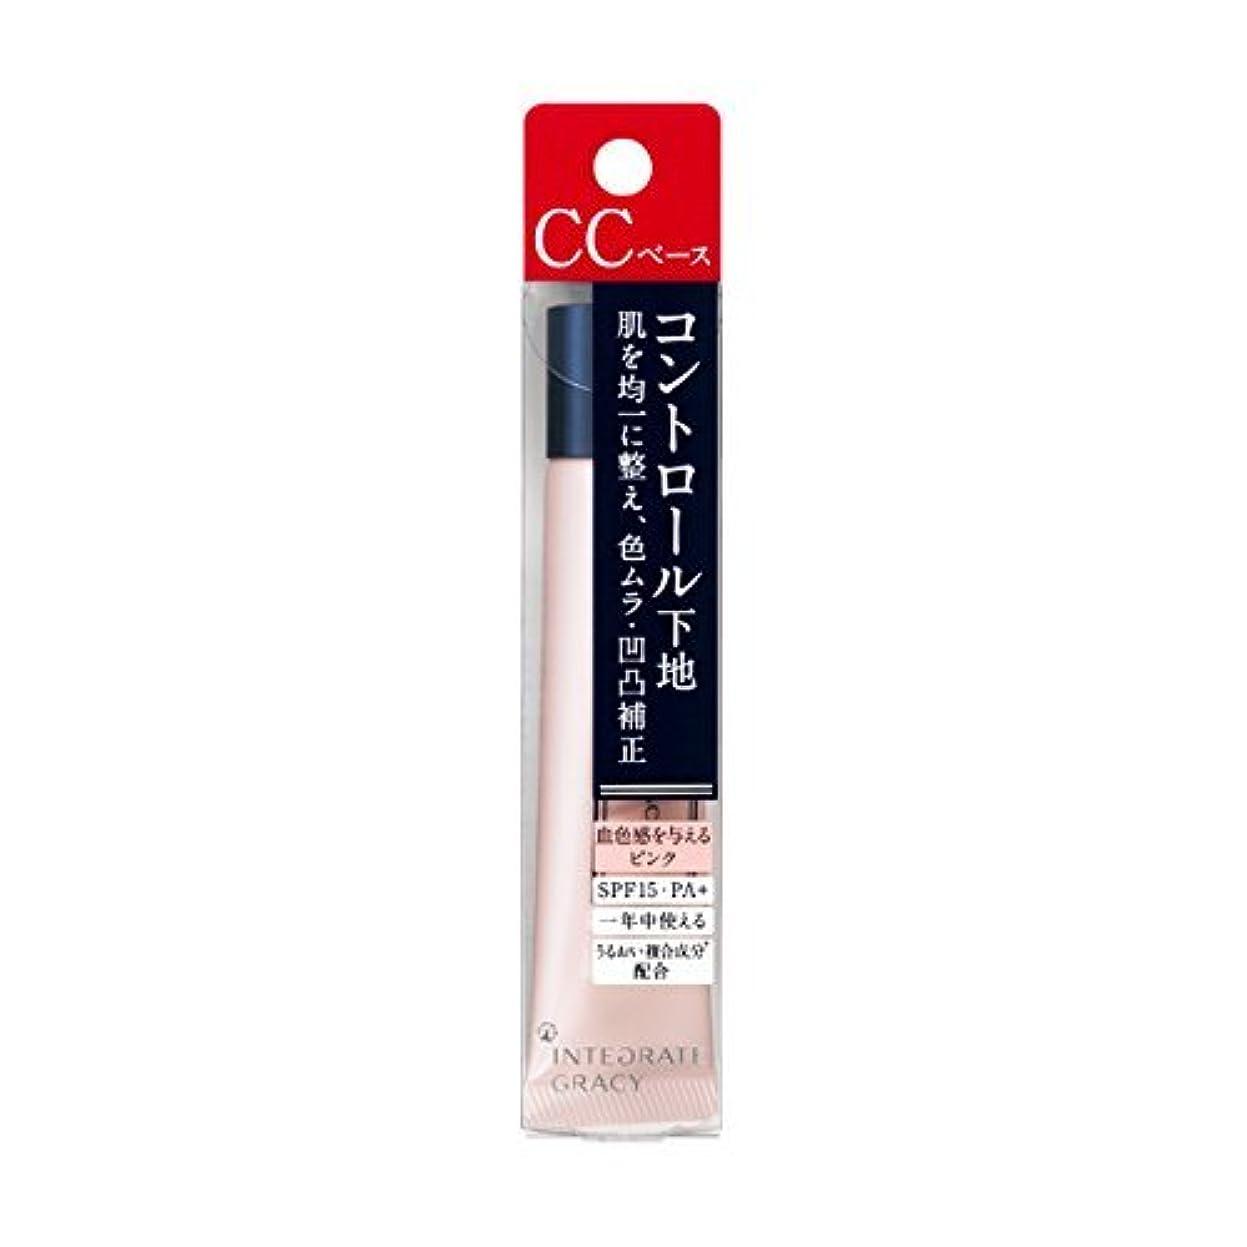 レプリカ五重大インテグレート グレイシィ コントロールベース (ピンク) 25g ×6個